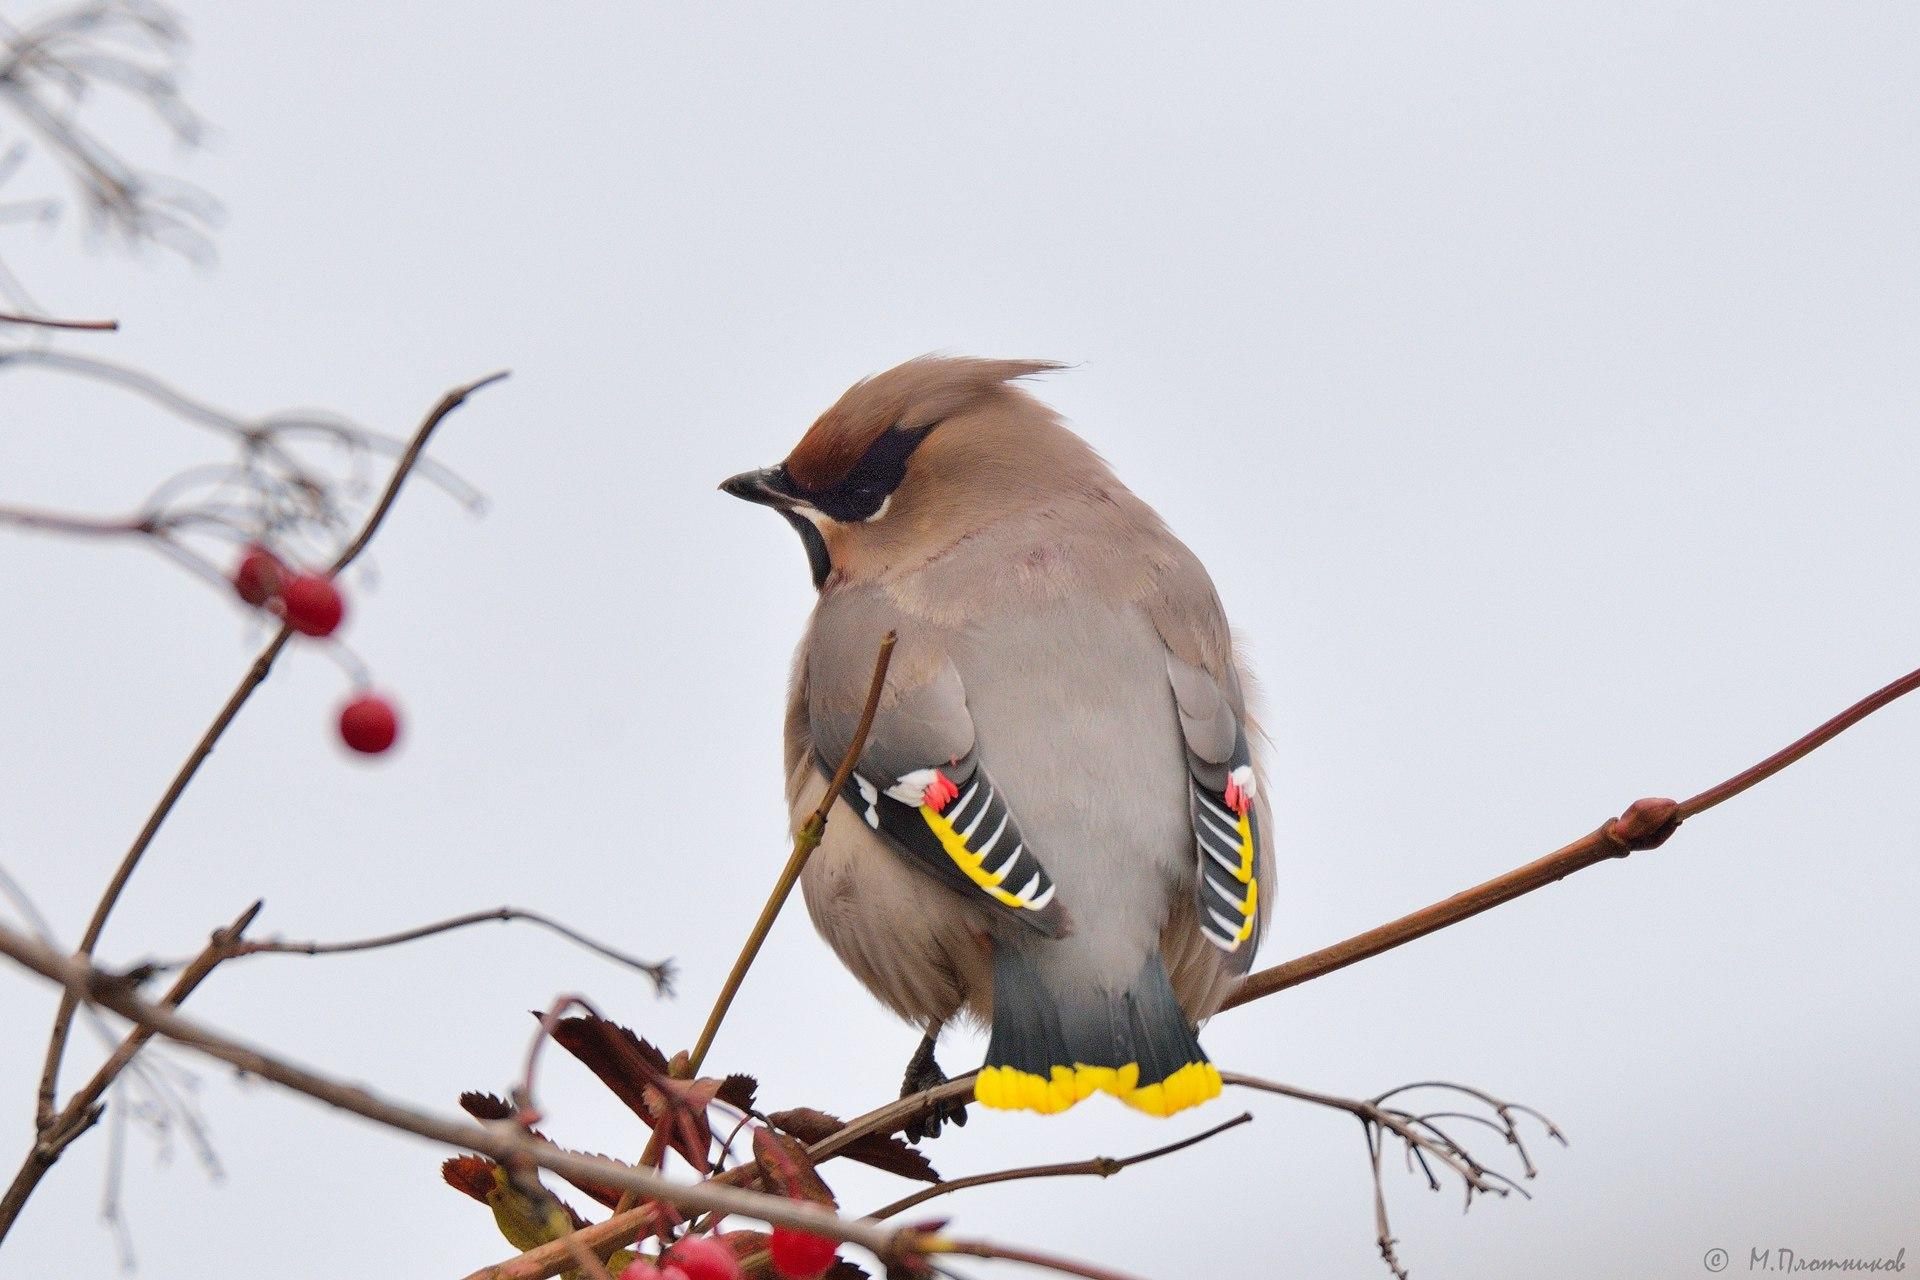 последний птицы перми название и фото него стали появляться